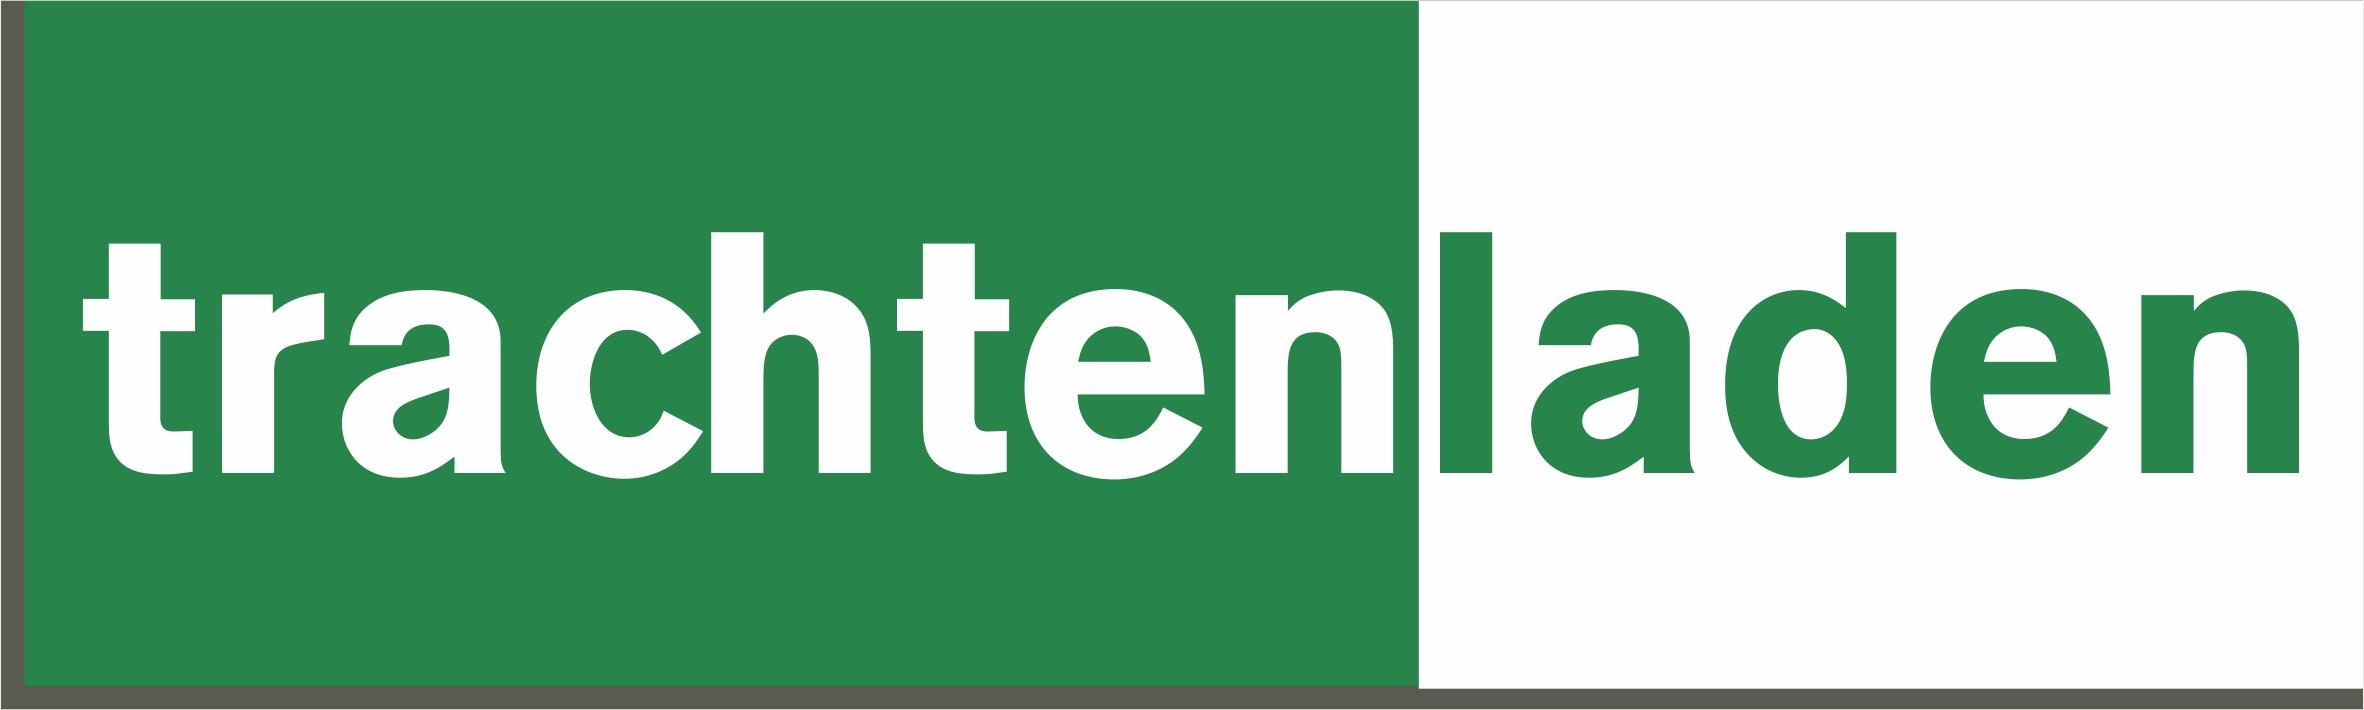 Trachtenladen-Logo